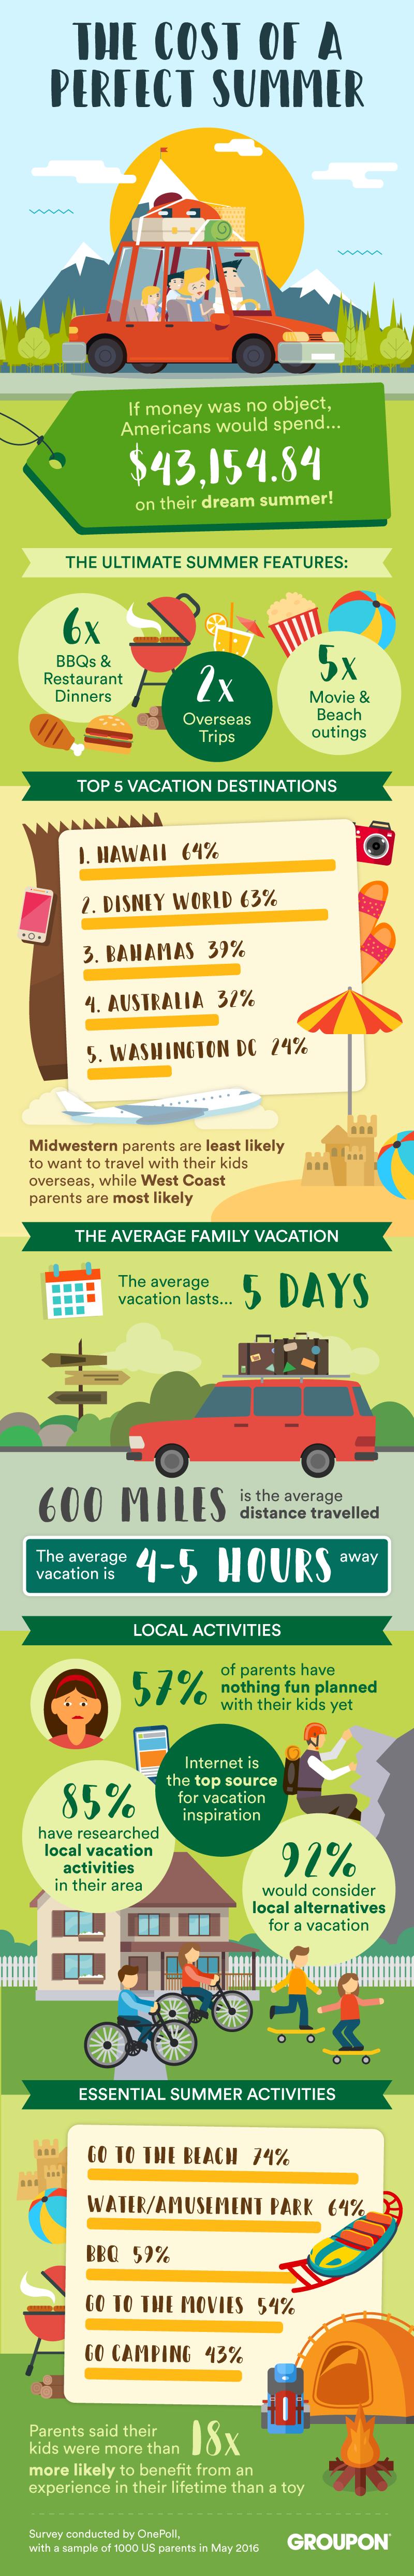 groupon_infographic_weboptimized